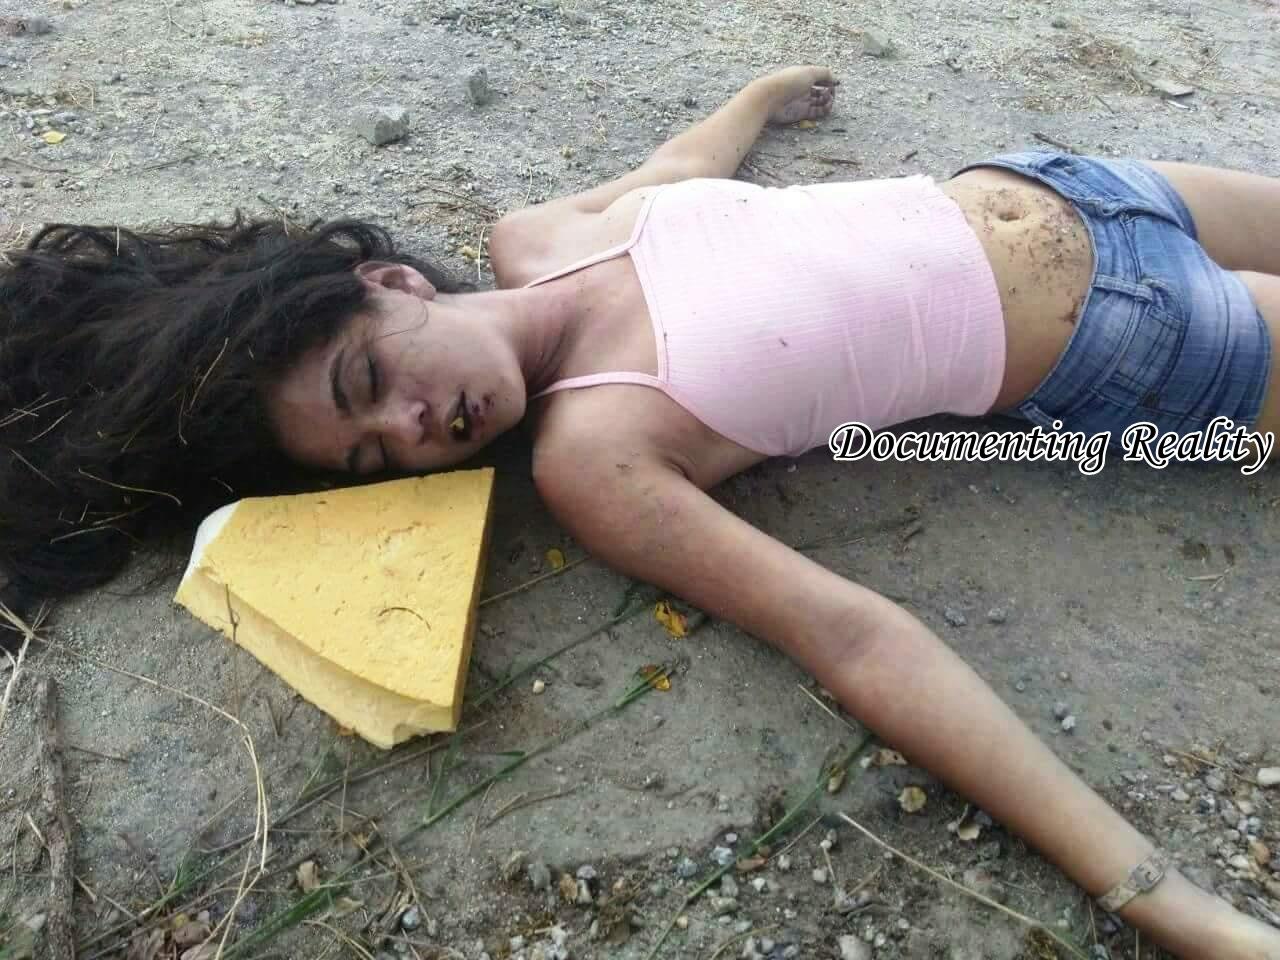 【絞殺遺体】荒野に打ち捨てられたブラジル人少女の絞殺遺体、これは惨い・・・・・(画像)・4枚目